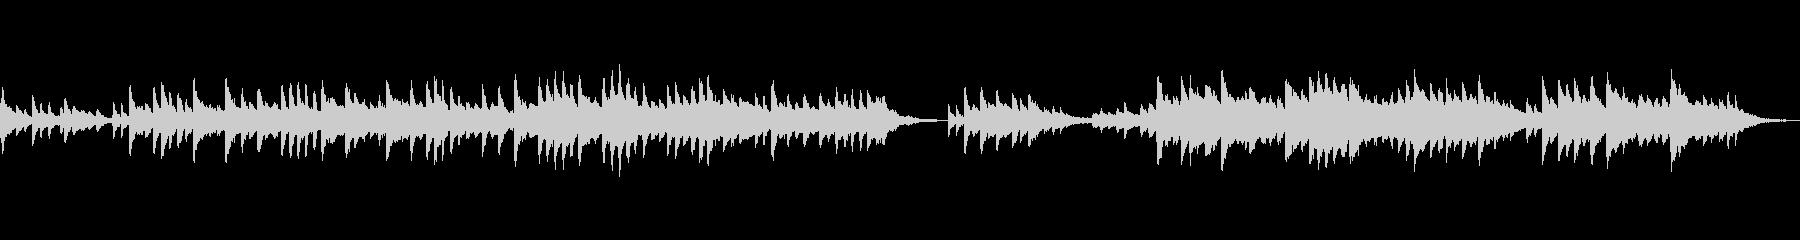 切ないピアノ曲。の未再生の波形